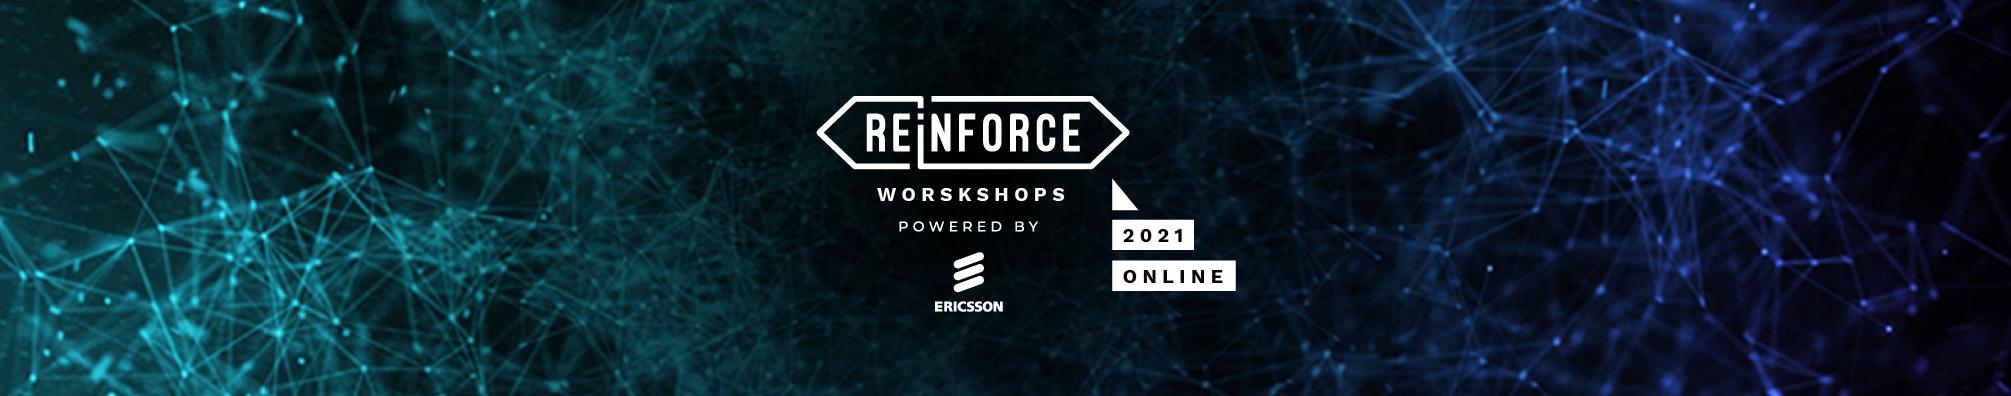 Reinforce online workshops 2021